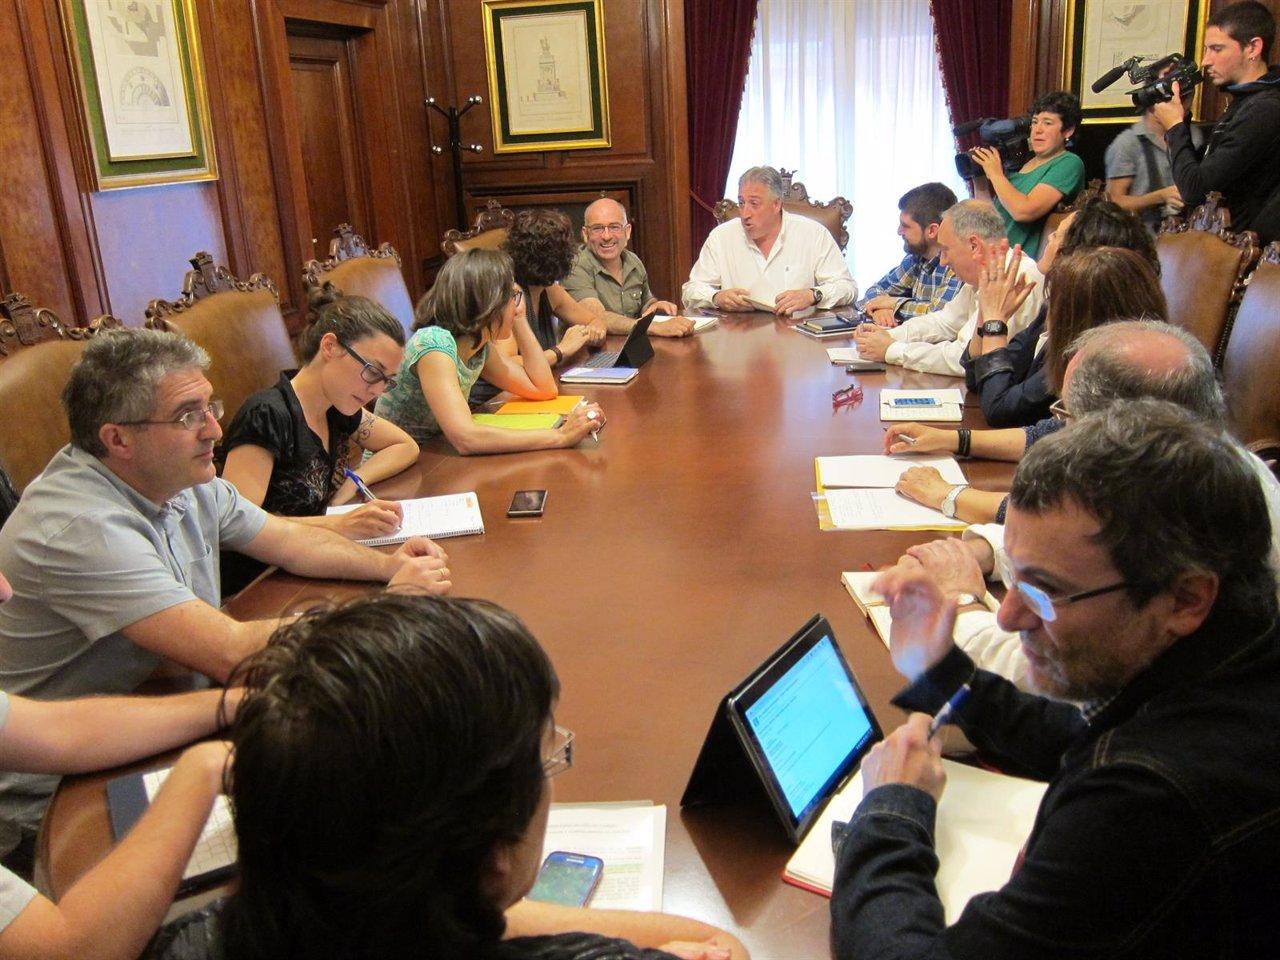 Reunión de EH Bildu, Geroa Bai, Aranzadi e I-E de Pamplona